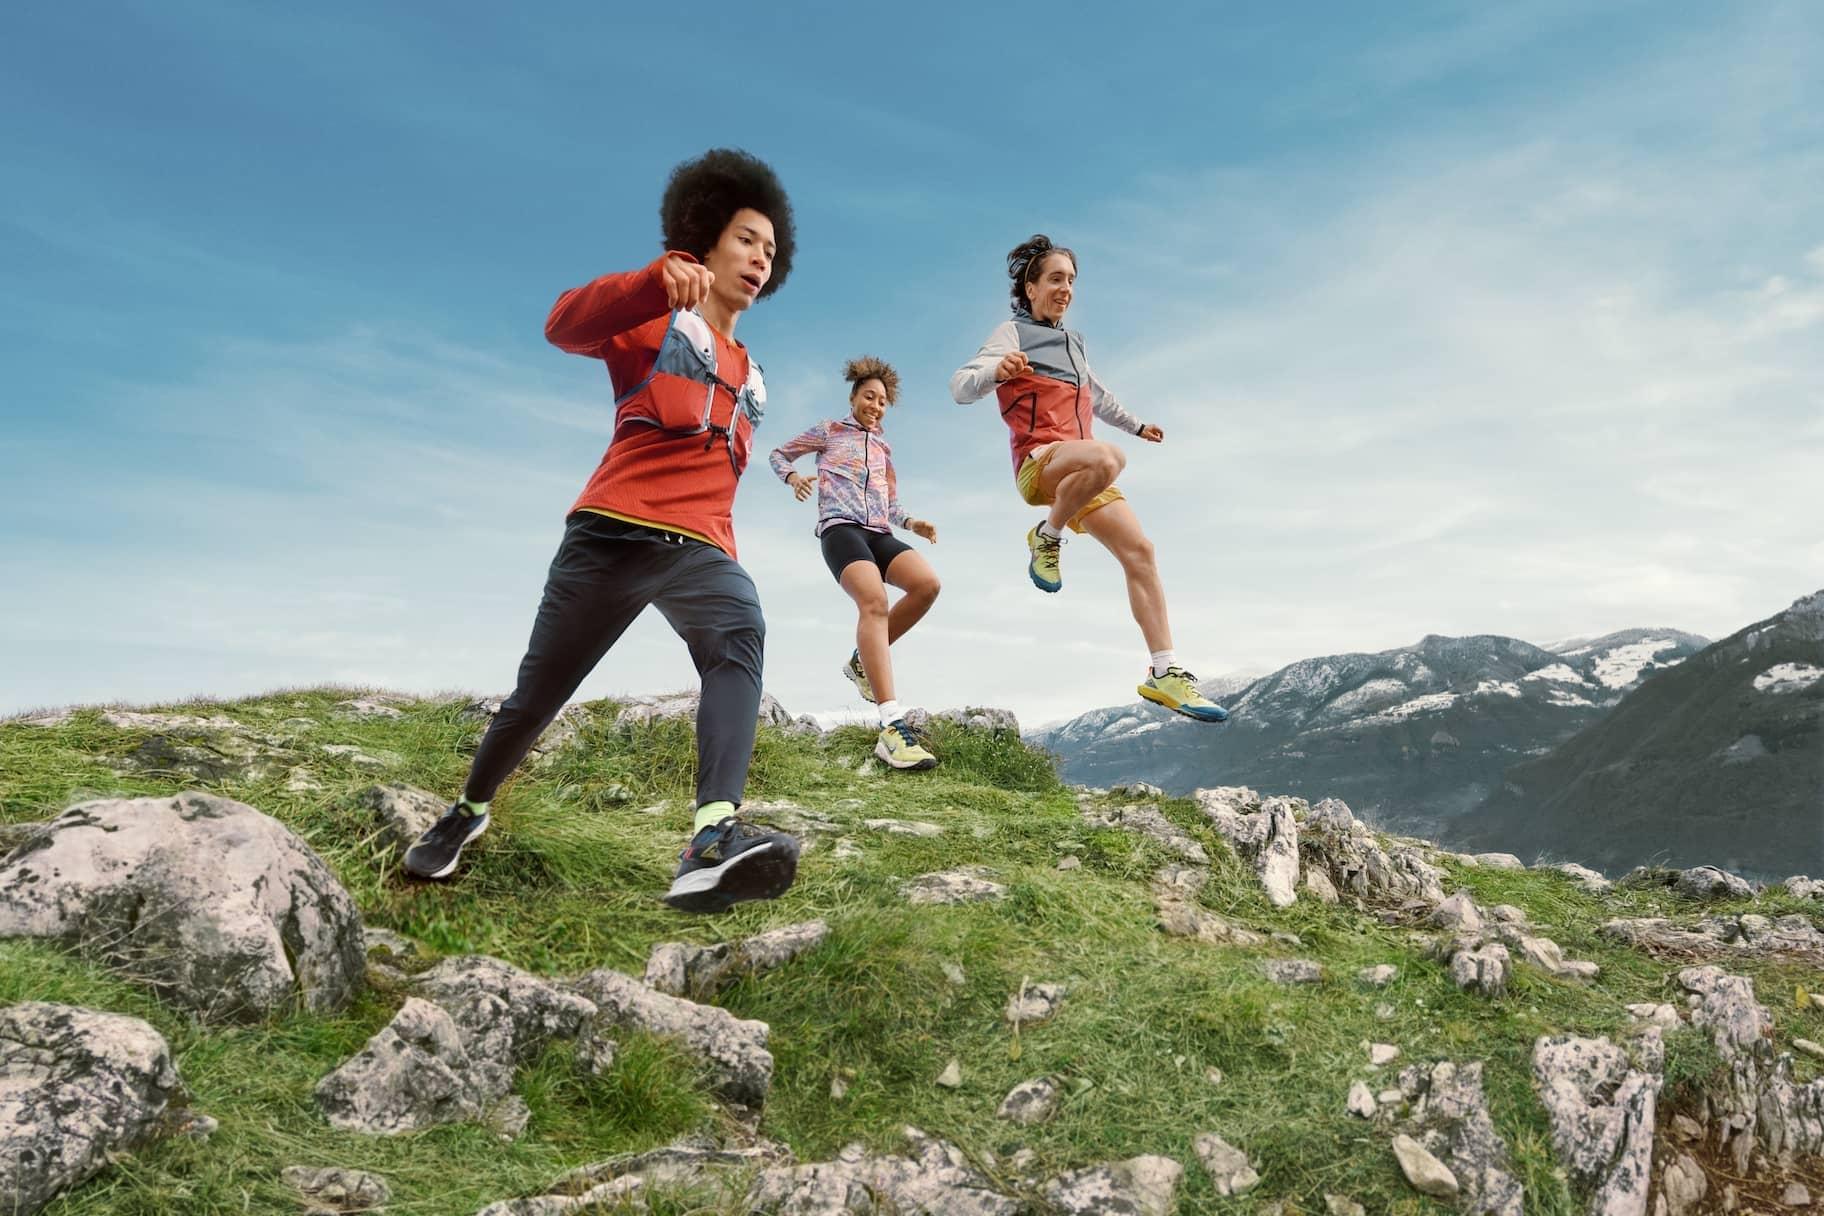 La importancia de escoger las zapatillas de trail running adecuadas